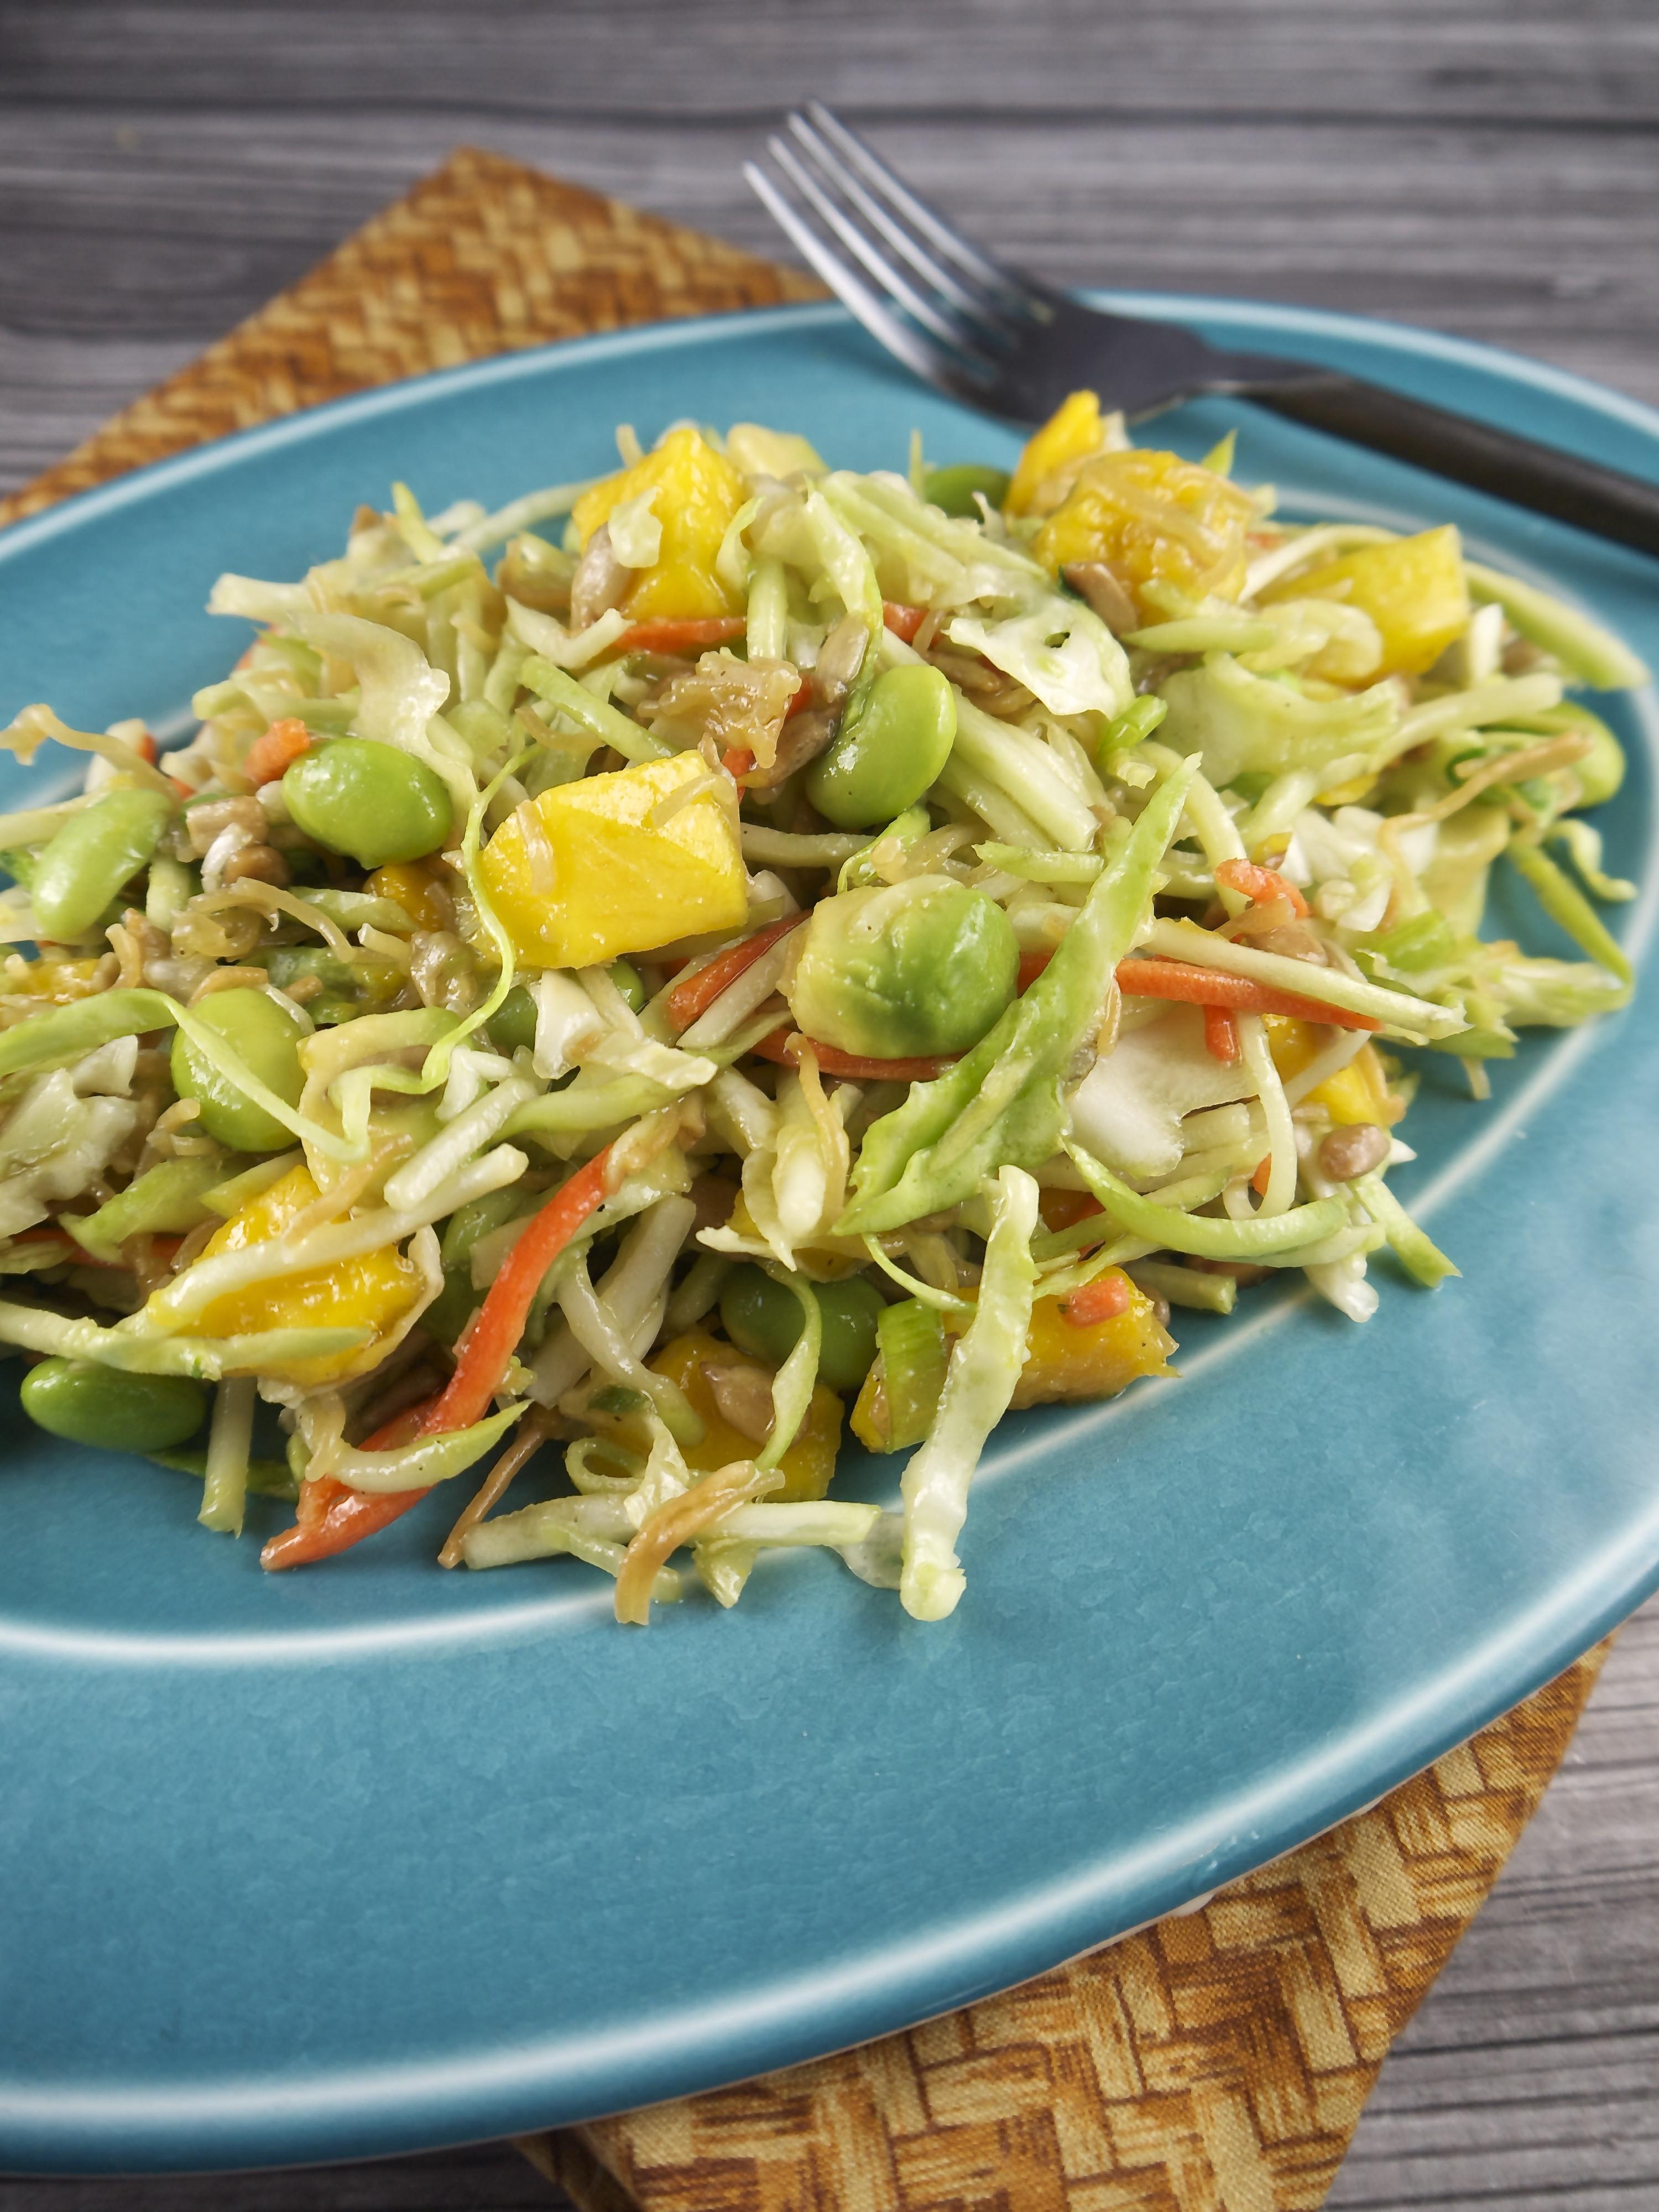 Raman Noodles Healthy  Healthy Ramen Noodle Salad